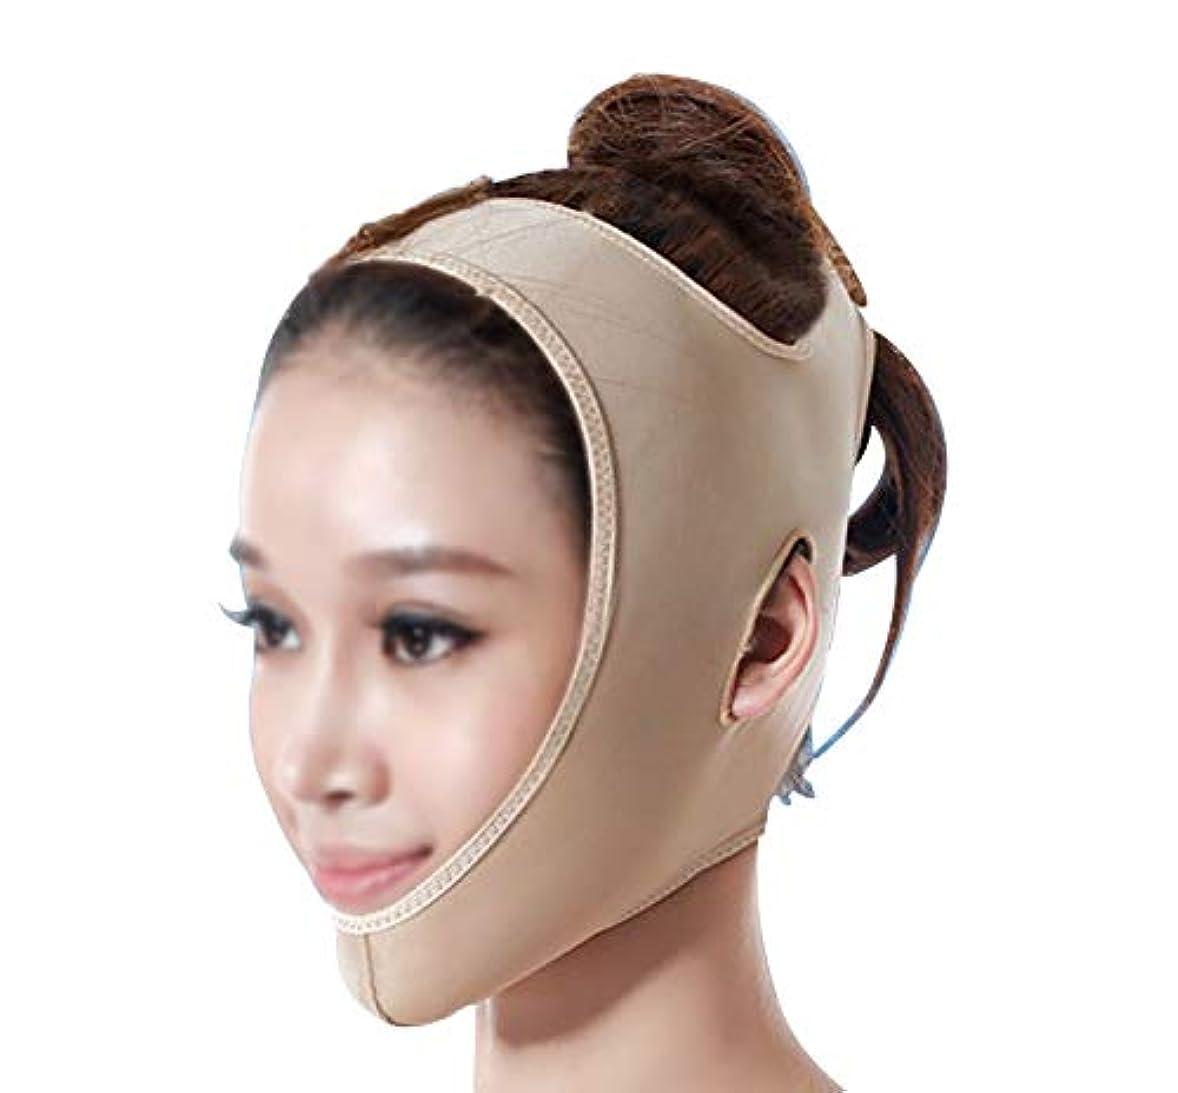 持続的若い先にLJK 引き締めフェイスマスク、フェイシャルマスク美容医学フェイスマスク美容vフェイス包帯ライン彫刻リフティング引き締めダブルチンマスク (Size : M)